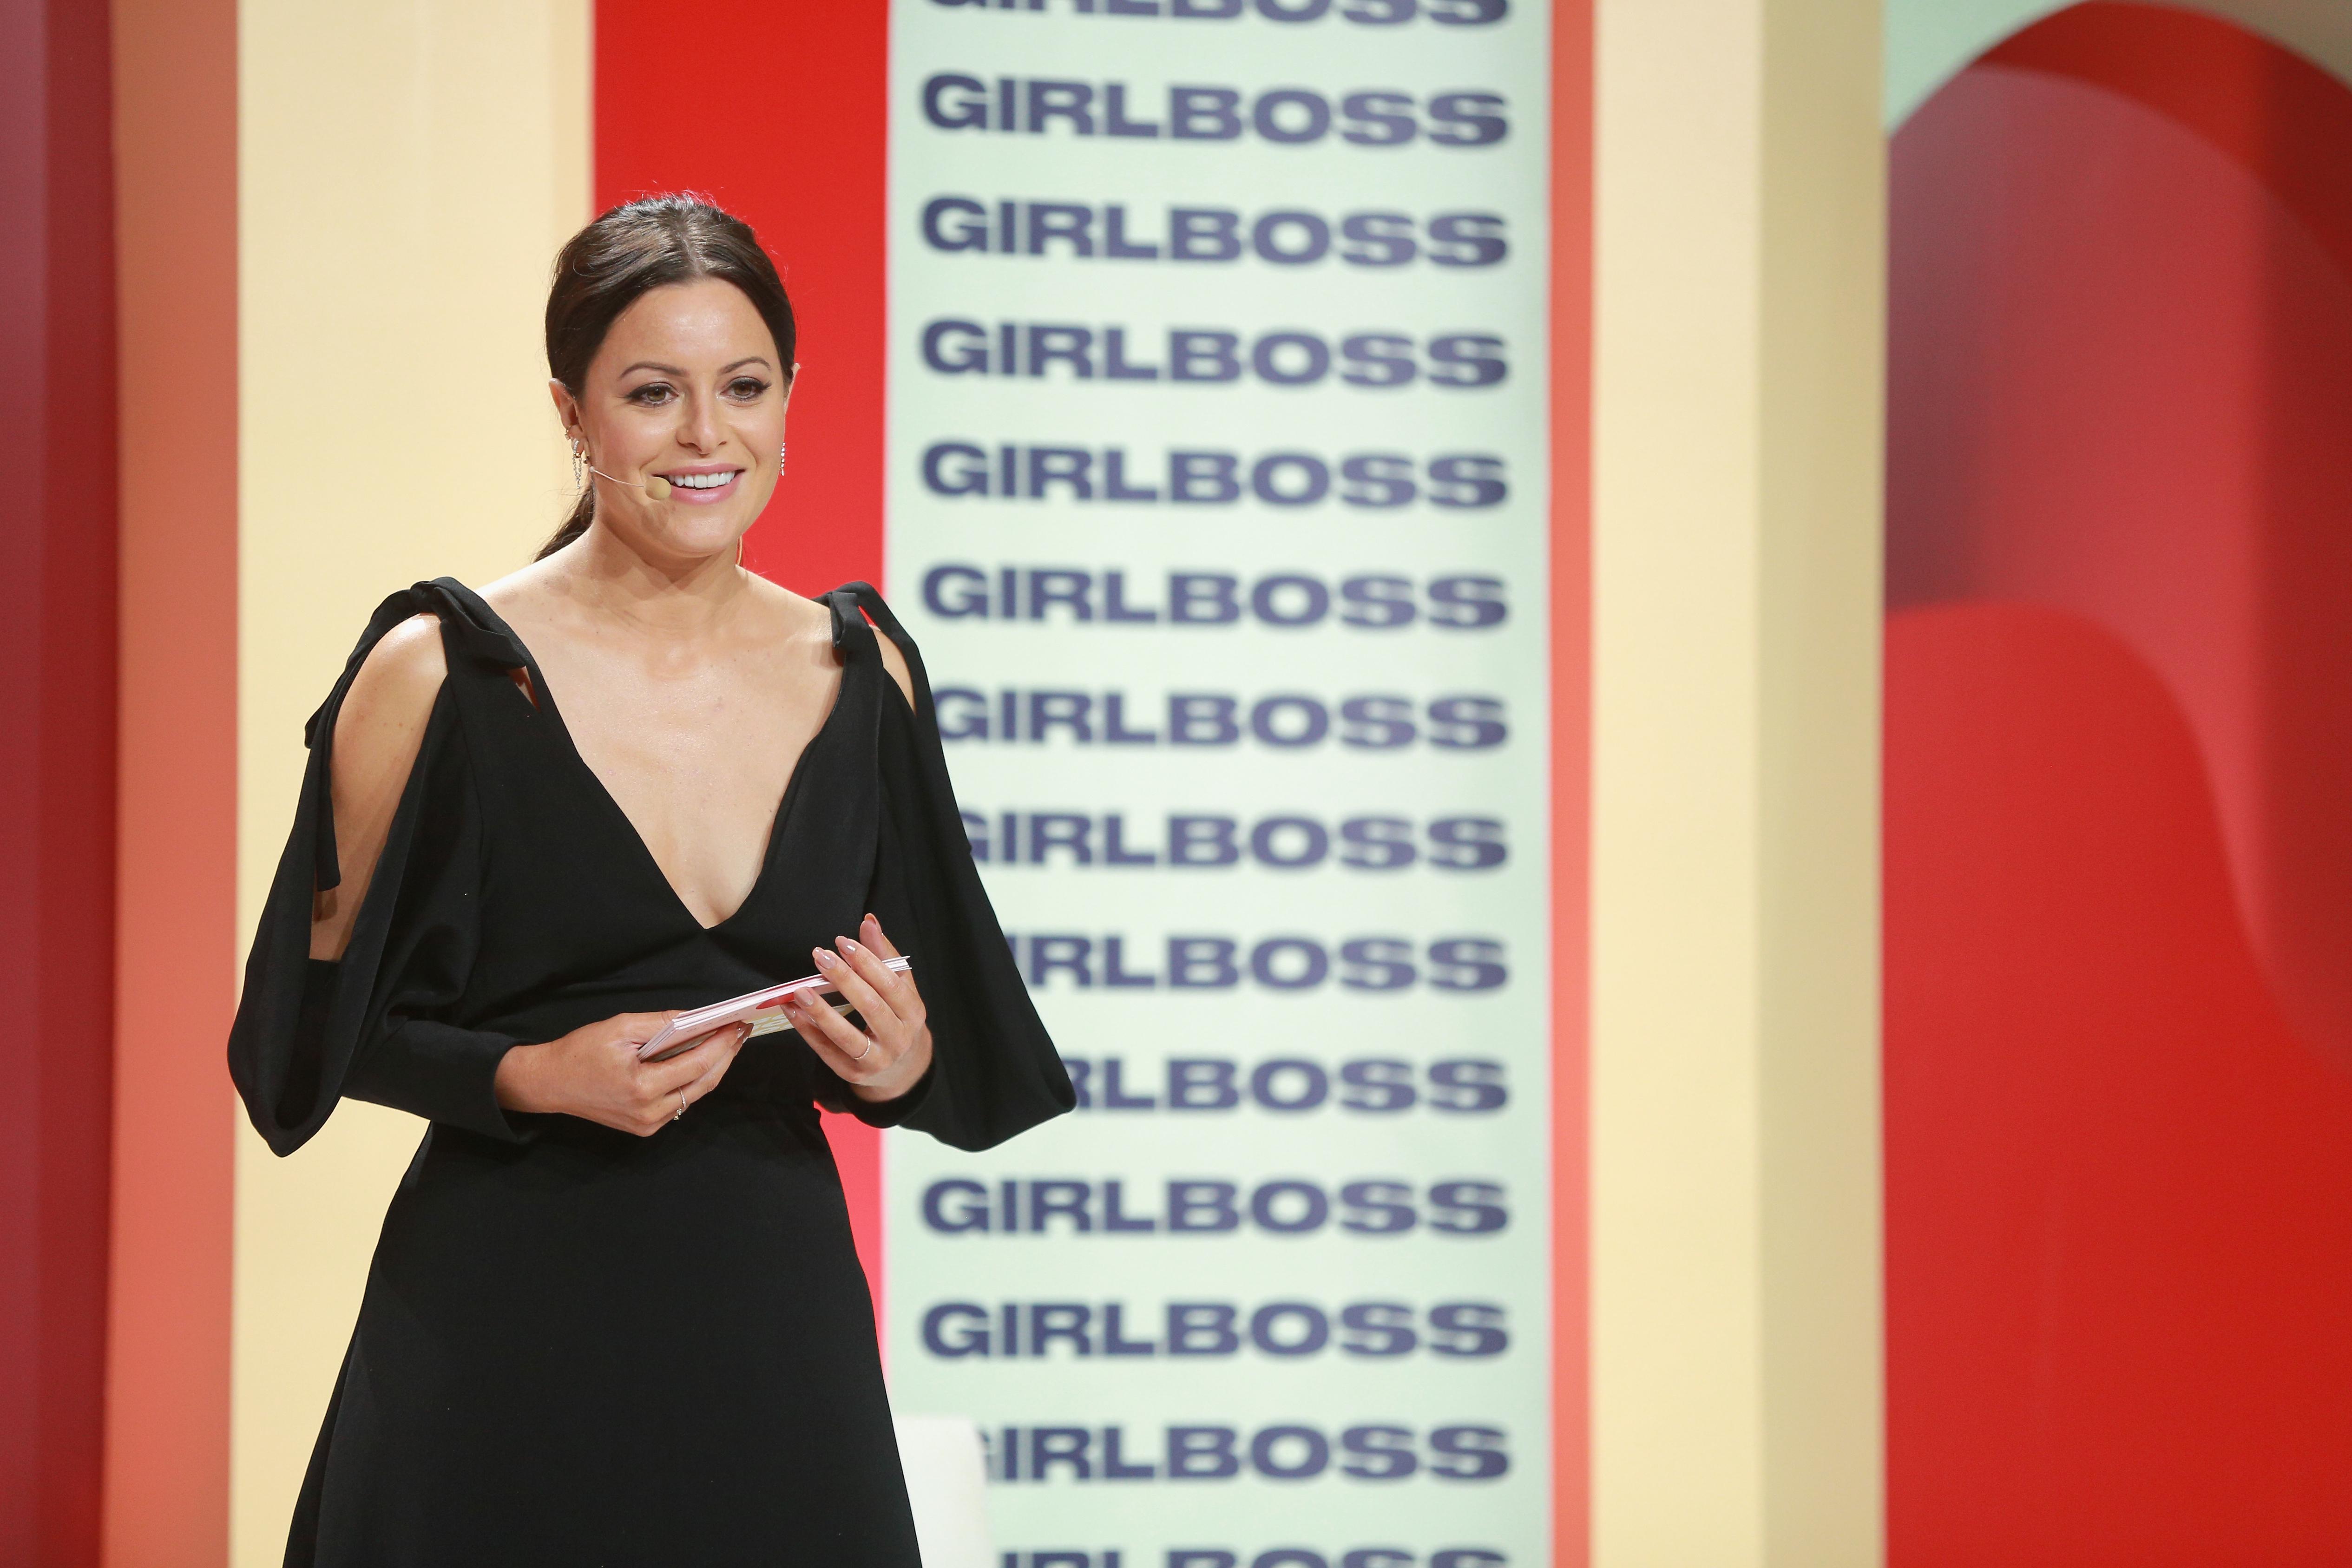 Sophia Amoruso of Girlboss